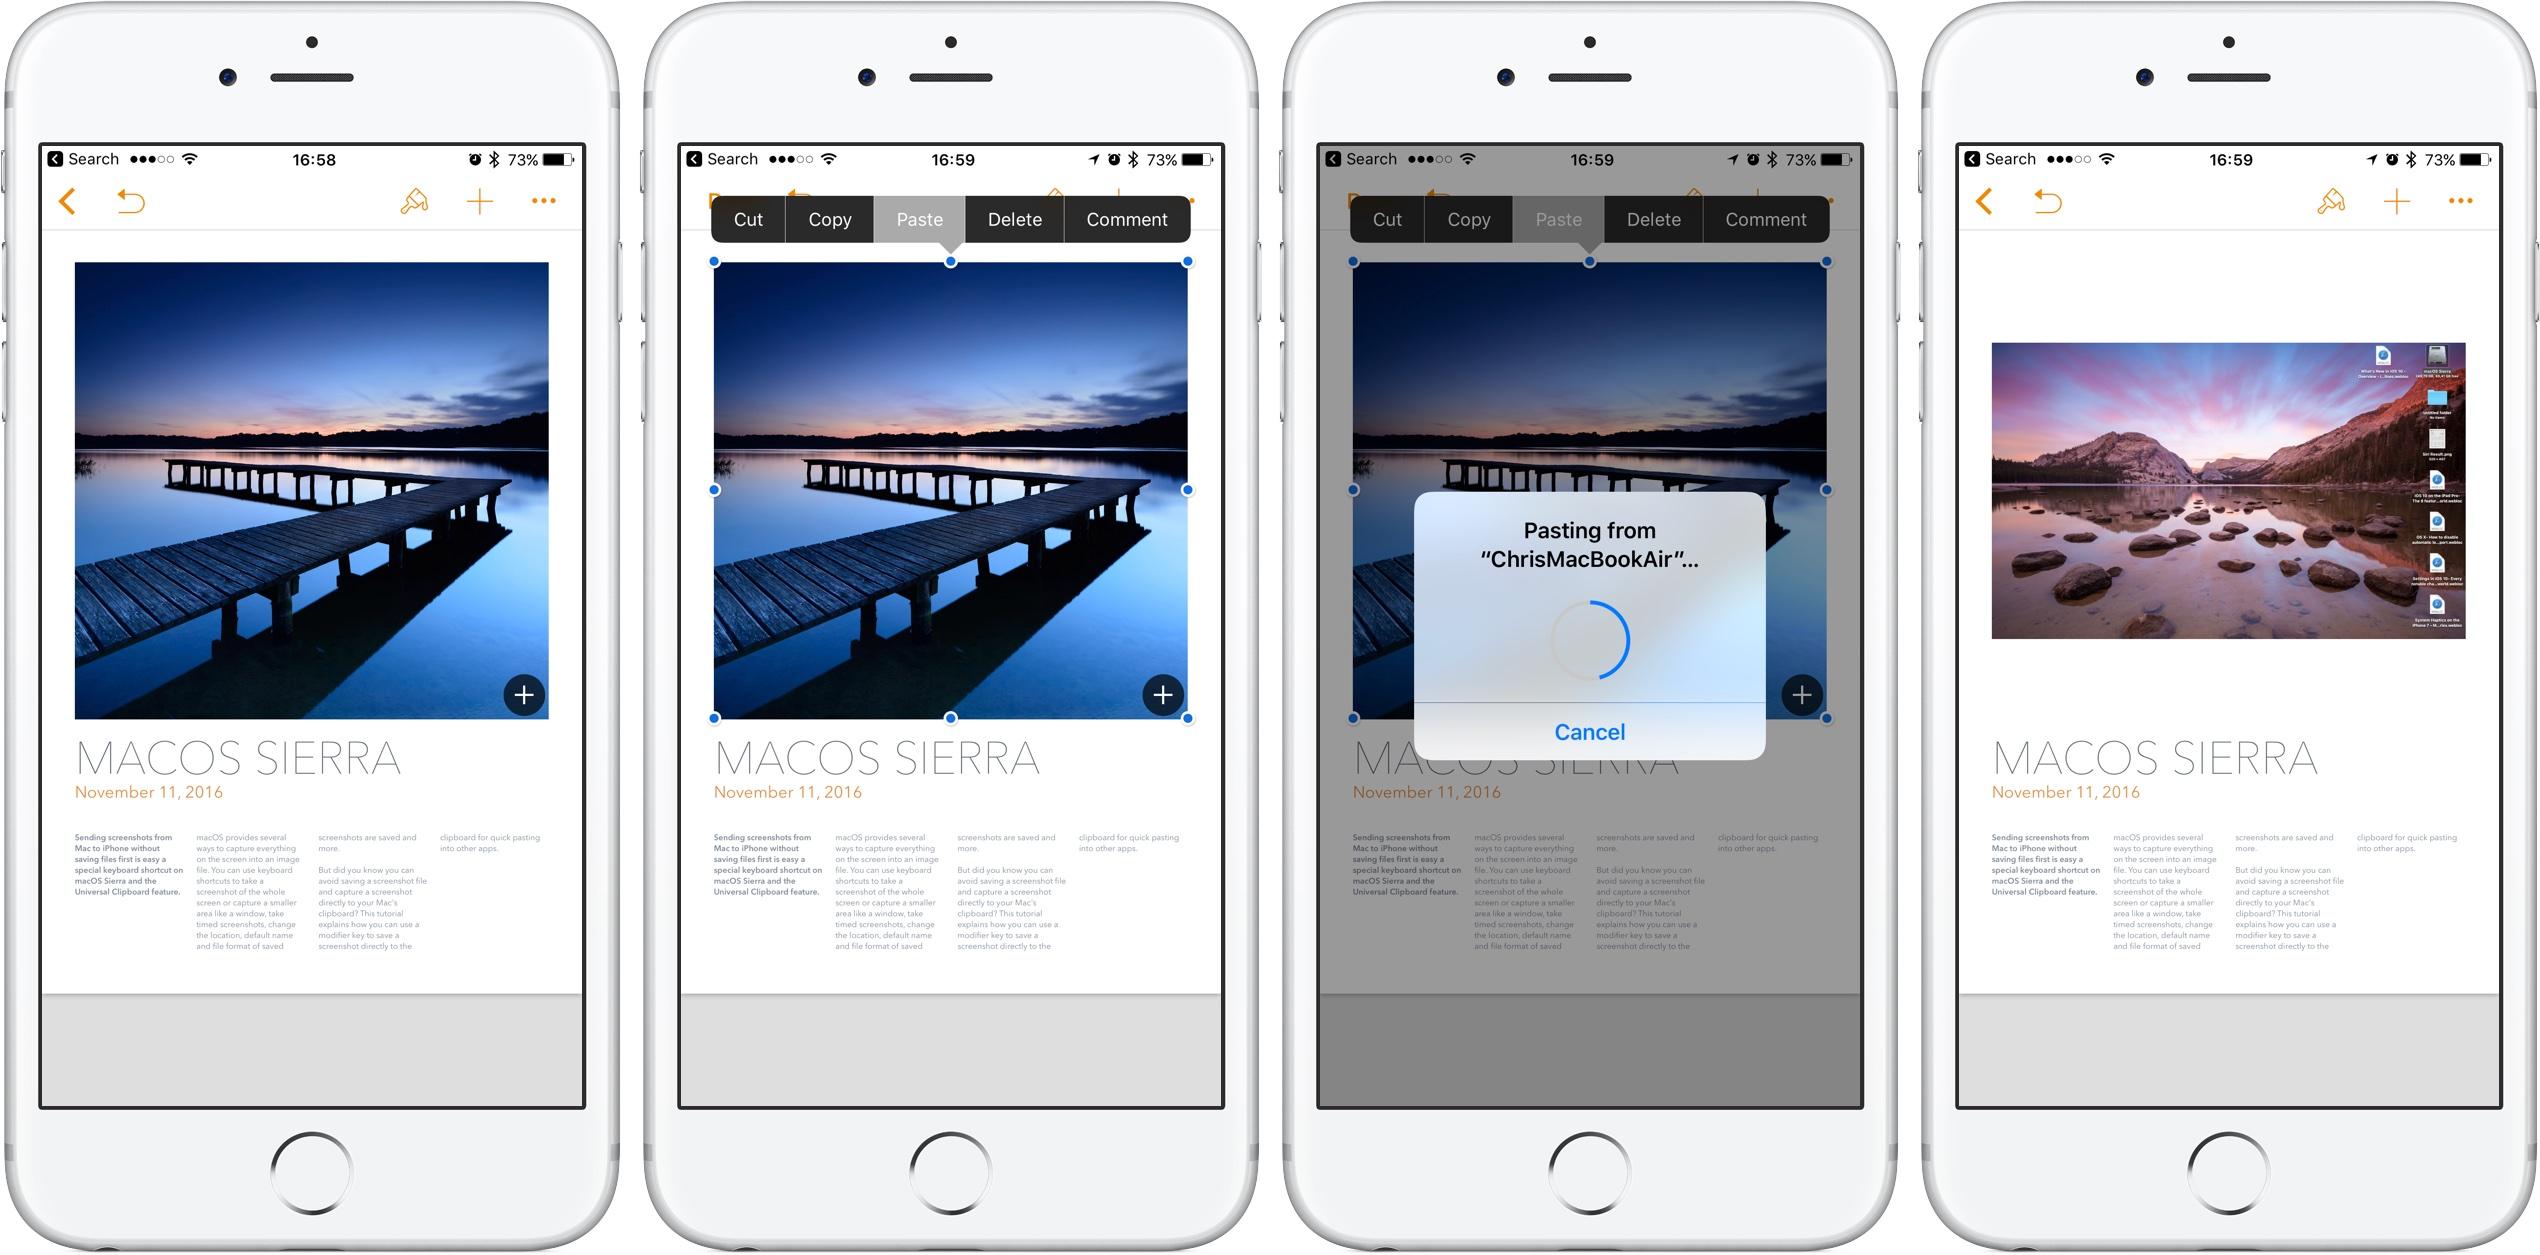 Captura de pantalla 001 de Pages Universal Clipboard iPHone